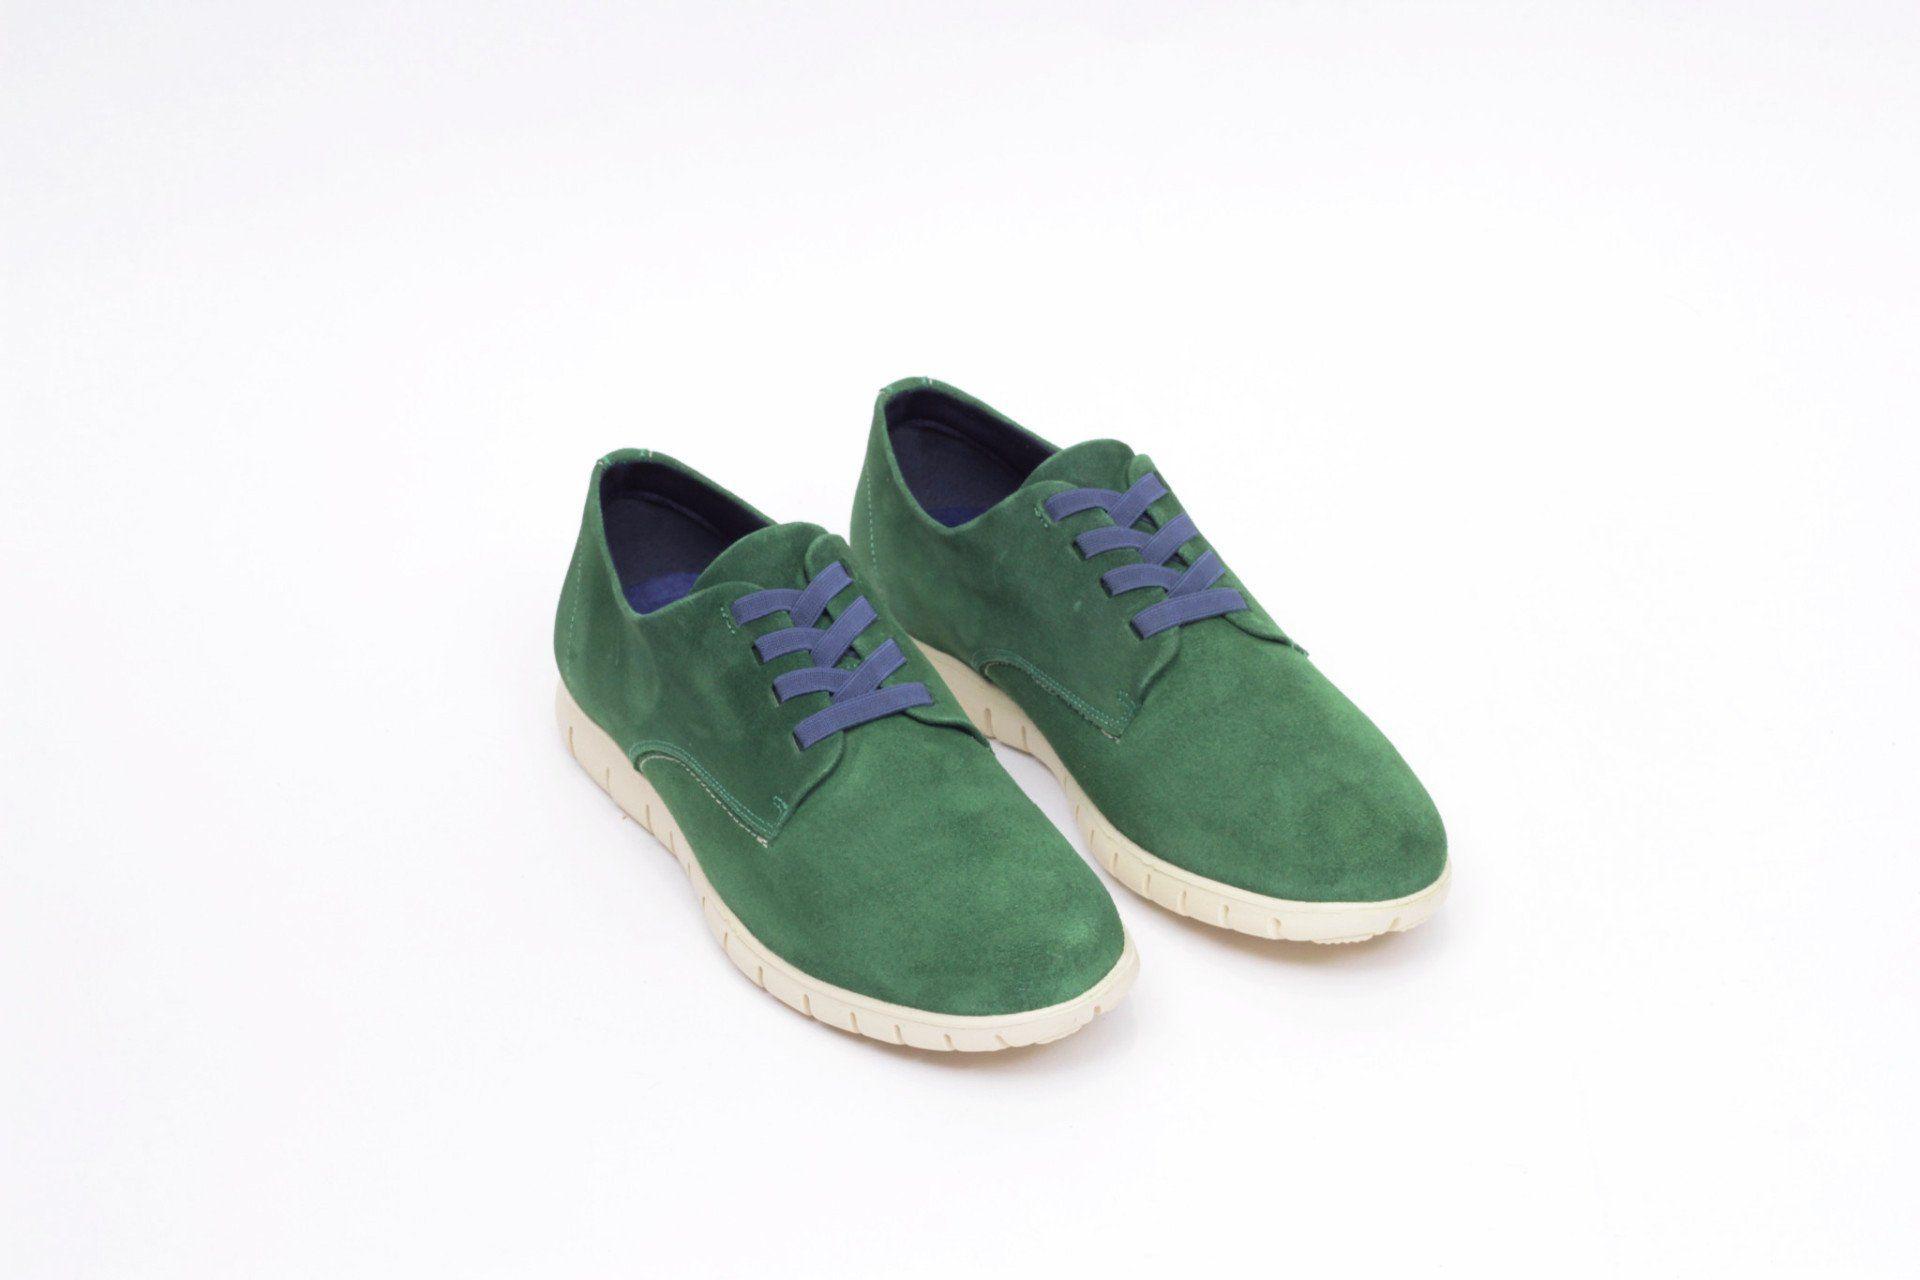 miMaO Urban 360 Verde - zapato cómodo hombre plano extraligero cómodo piel ante verde- Comfort men's flat shoes trainers green leather extralight